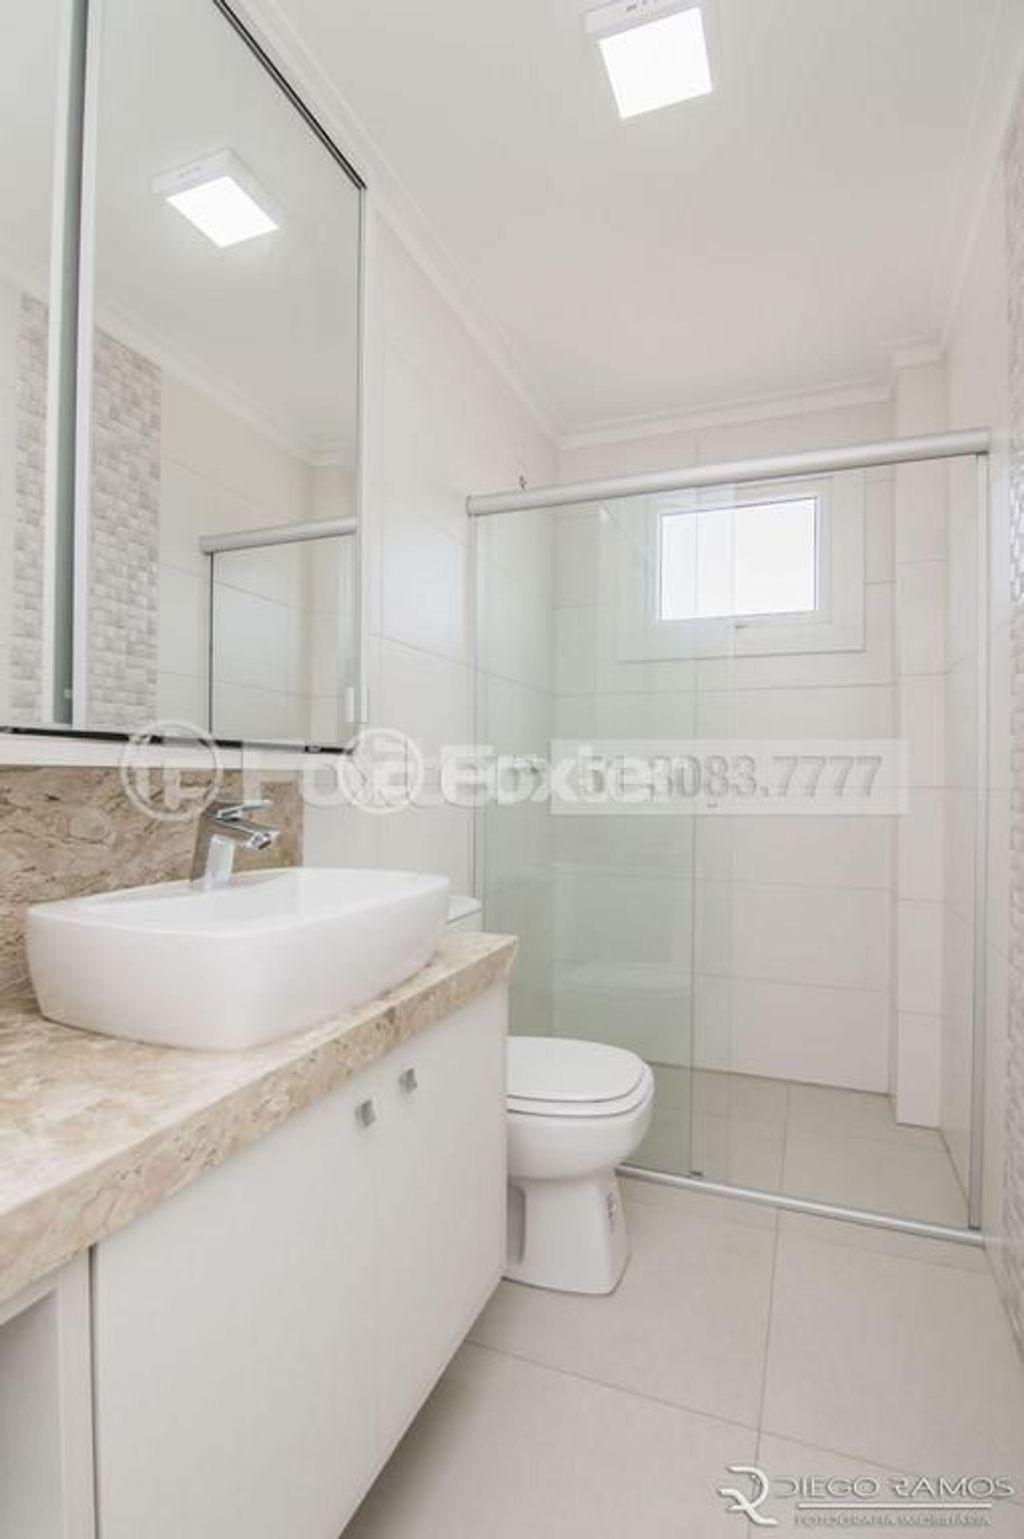 Apto 3 Dorm, Centro, Canoas (120002) - Foto 30